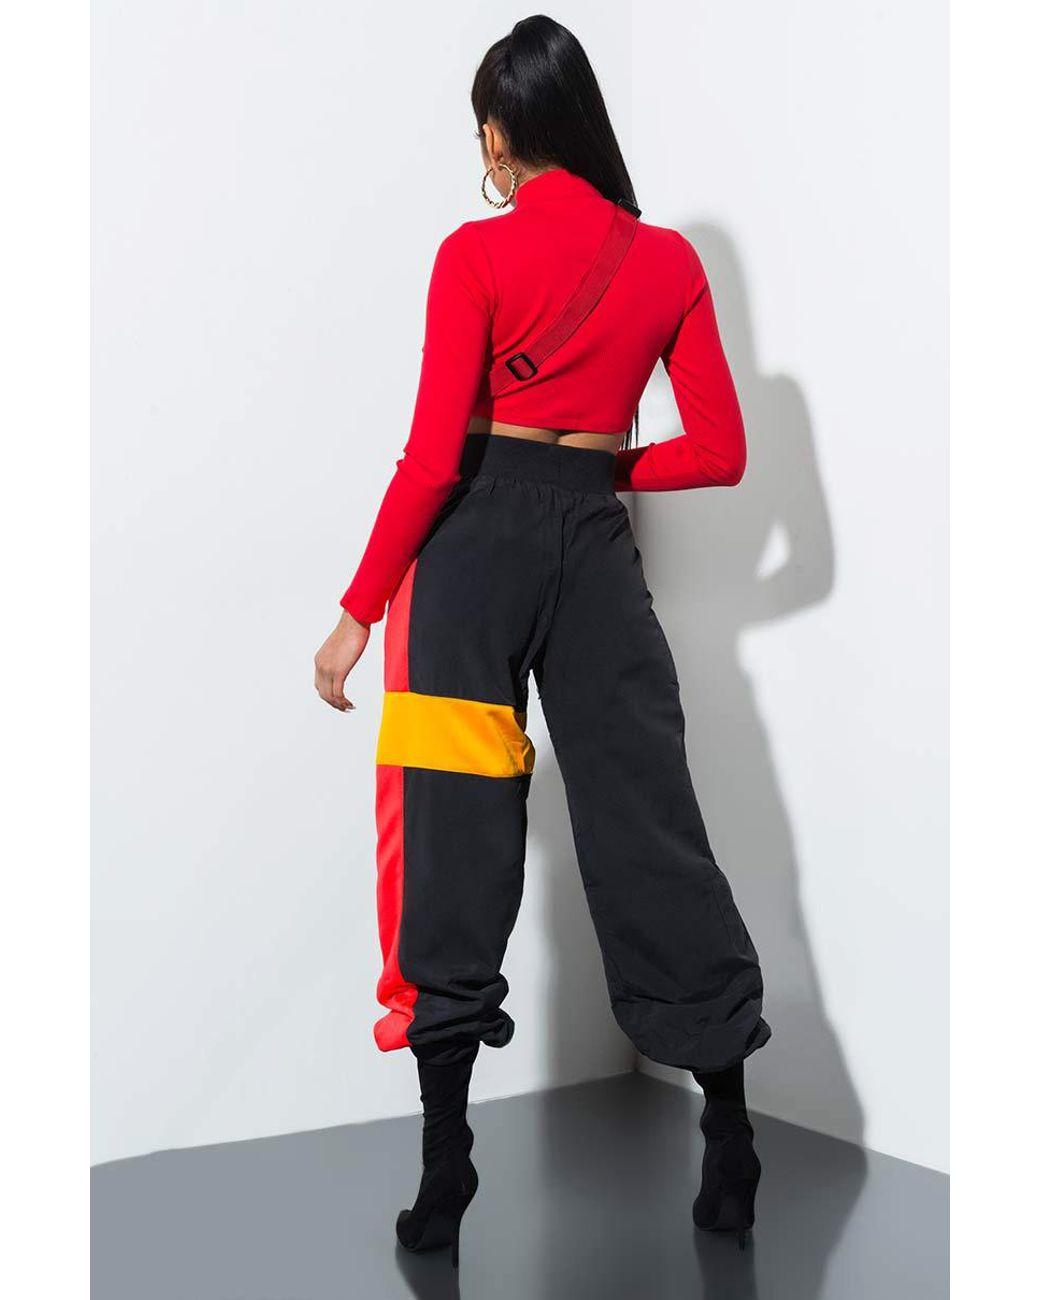 6ee6f344f4f9 Lyst - Reebok X Gigi Hadid Track Pants in Black